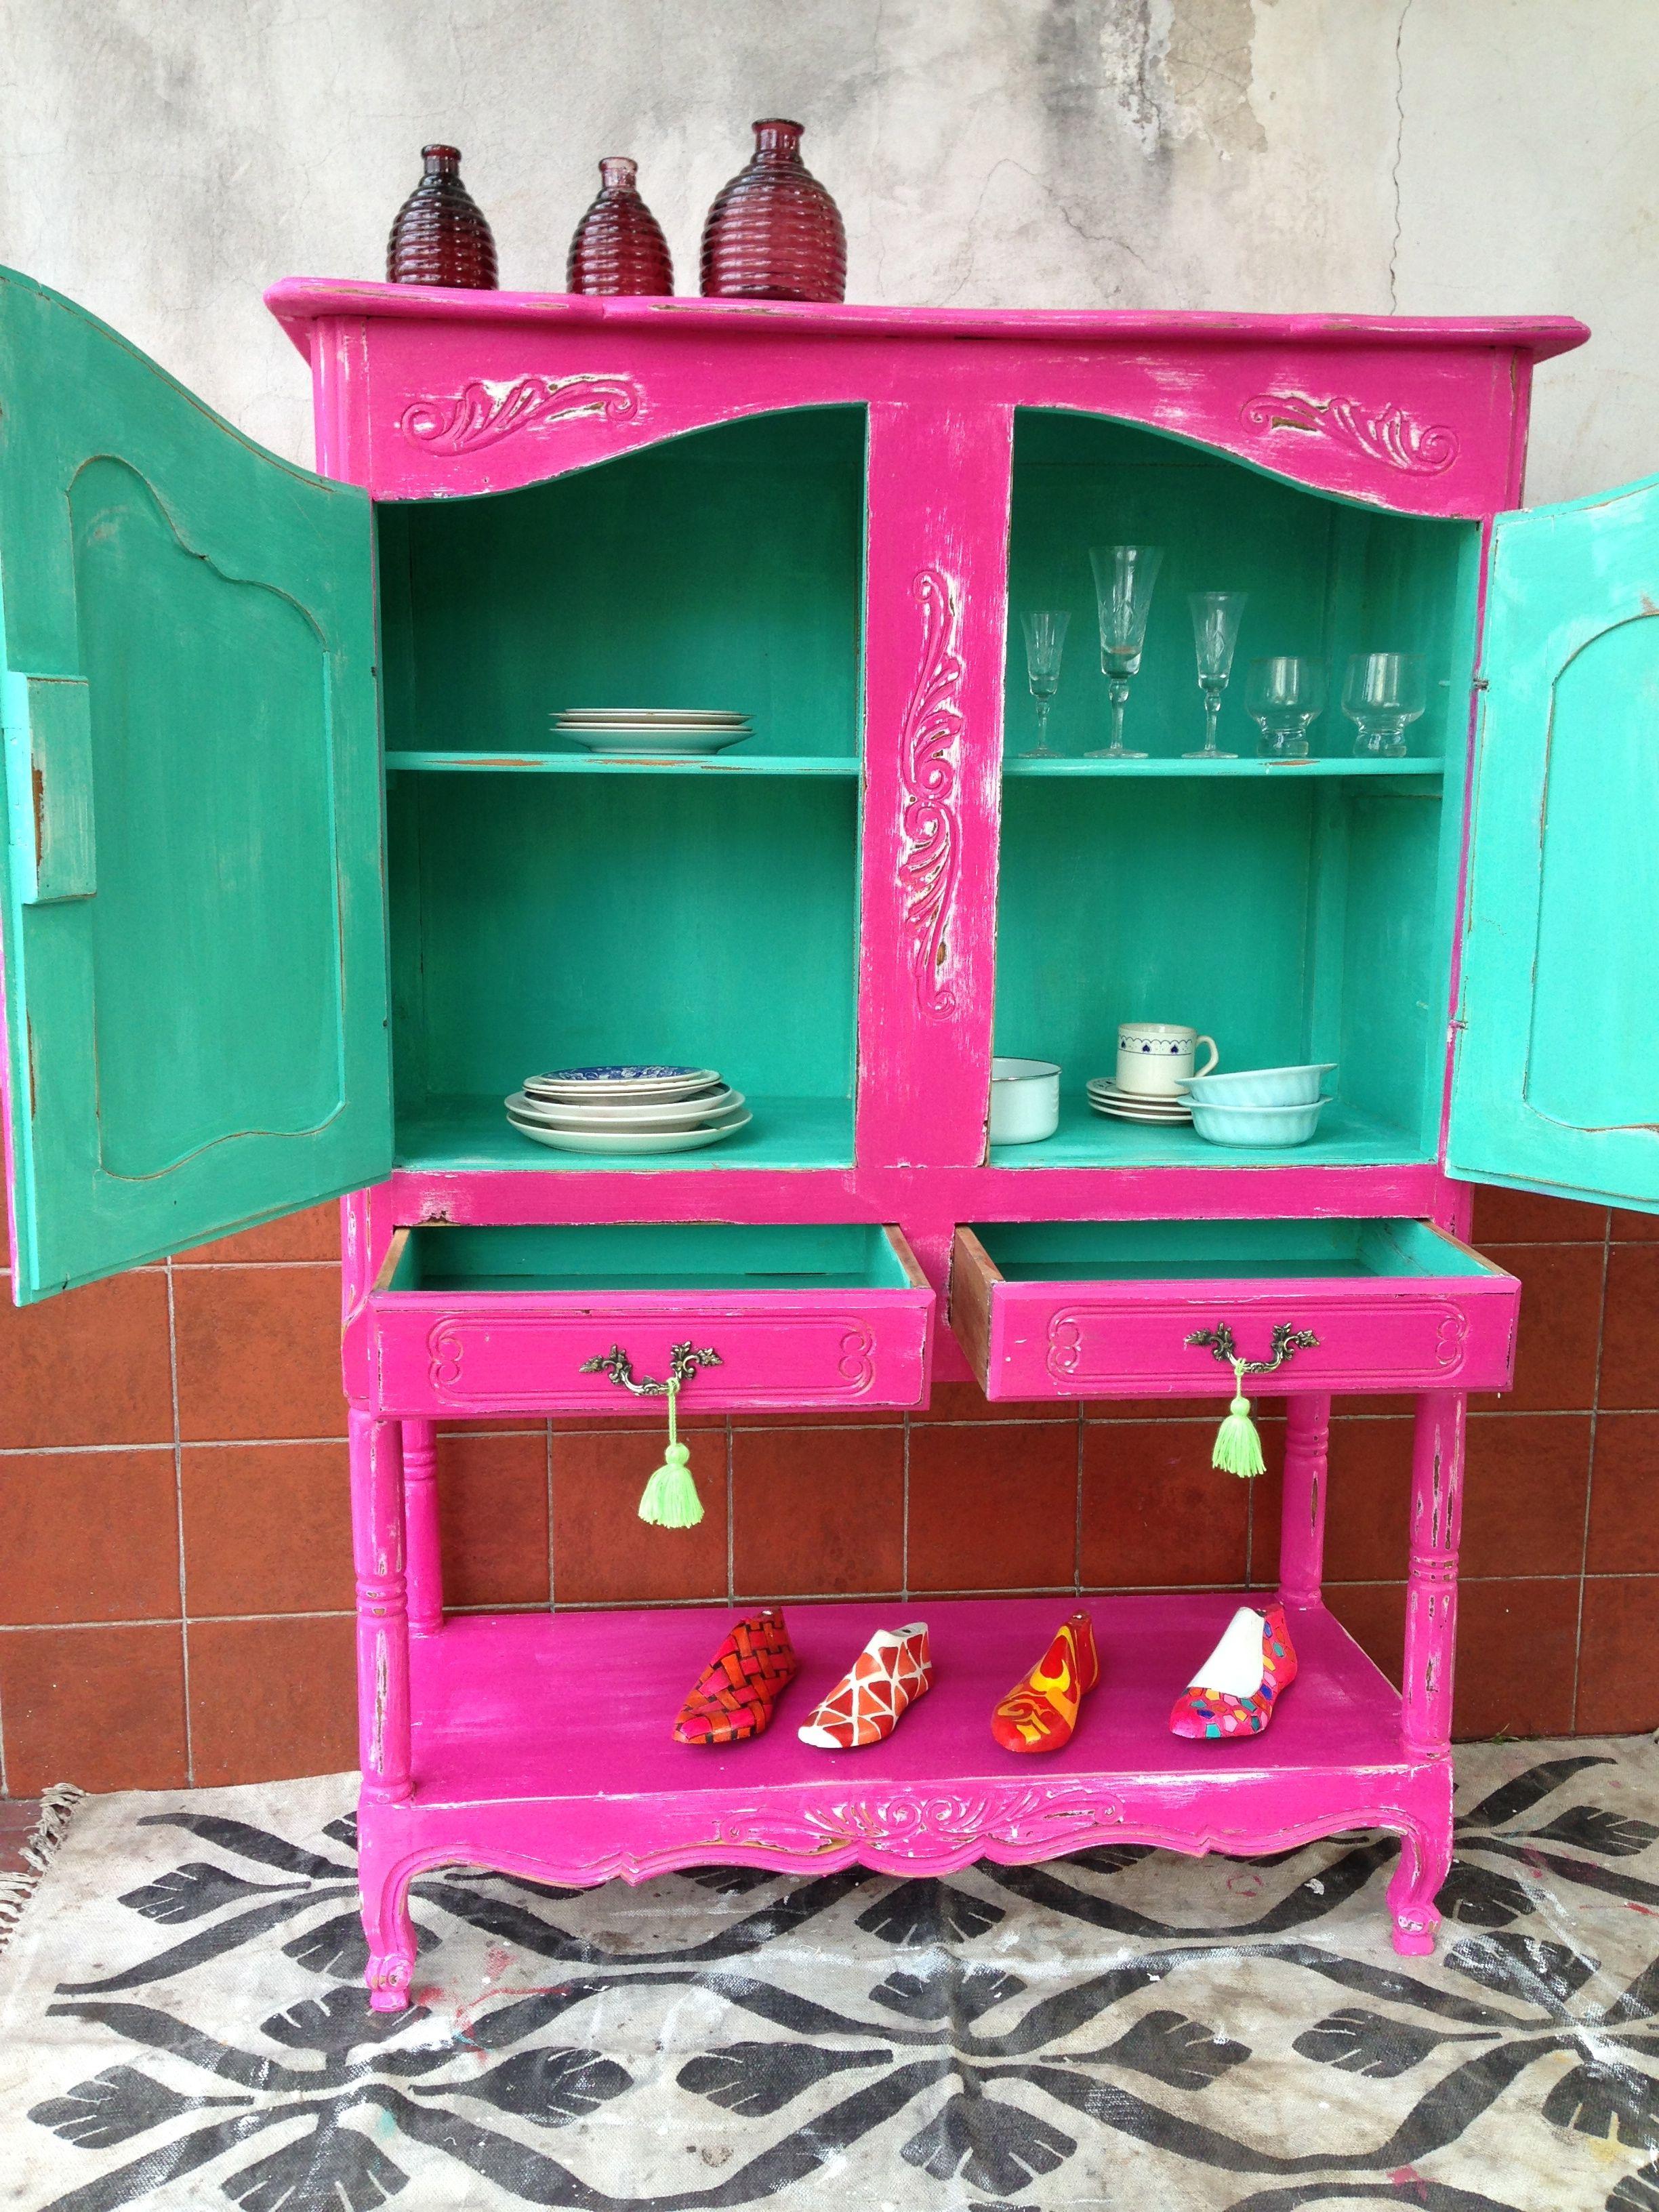 Provenzal Fucsia Y Acqua Decapado Muebles Vintouch De Colores  # Muebles Color Fucsia